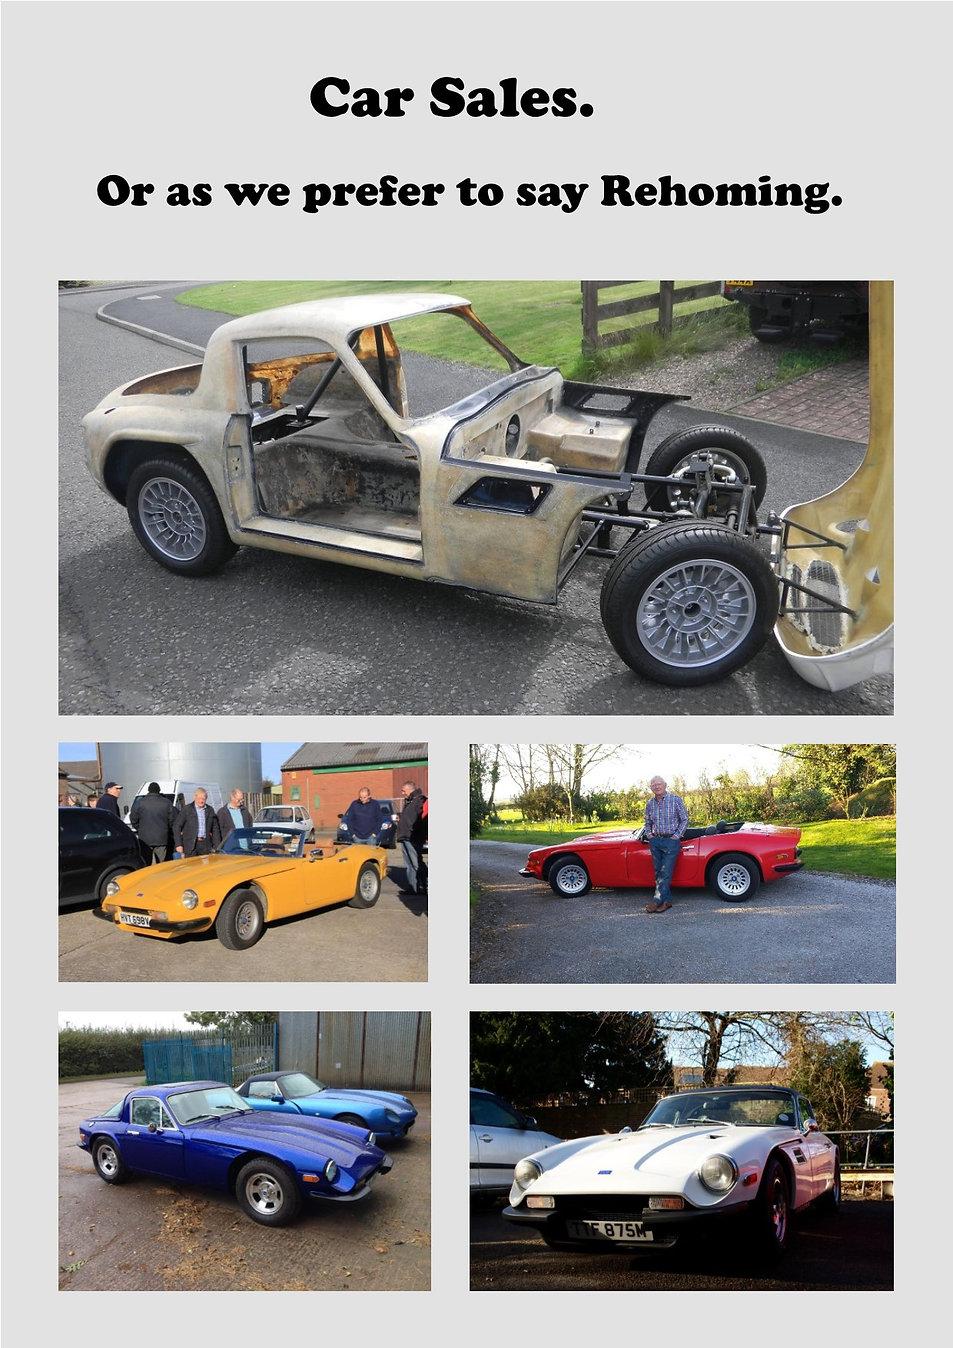 Car sales webb site 1.jpg